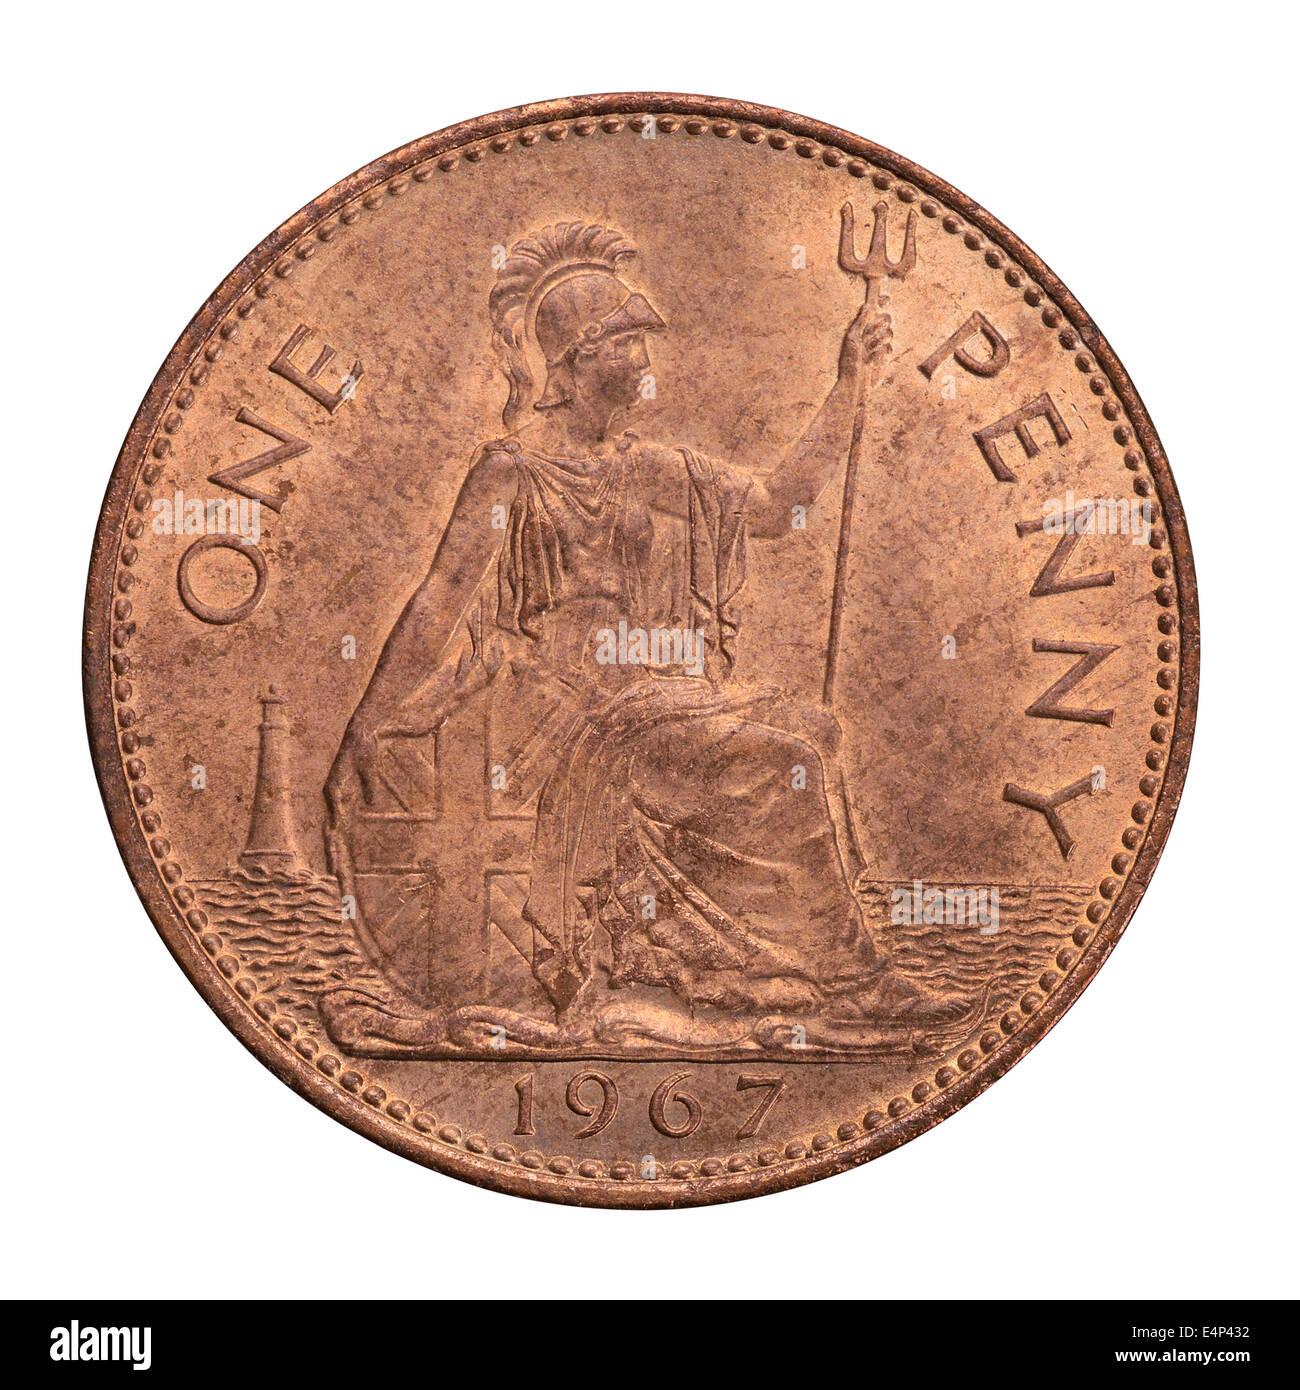 1967 British un penny coin Immagini Stock